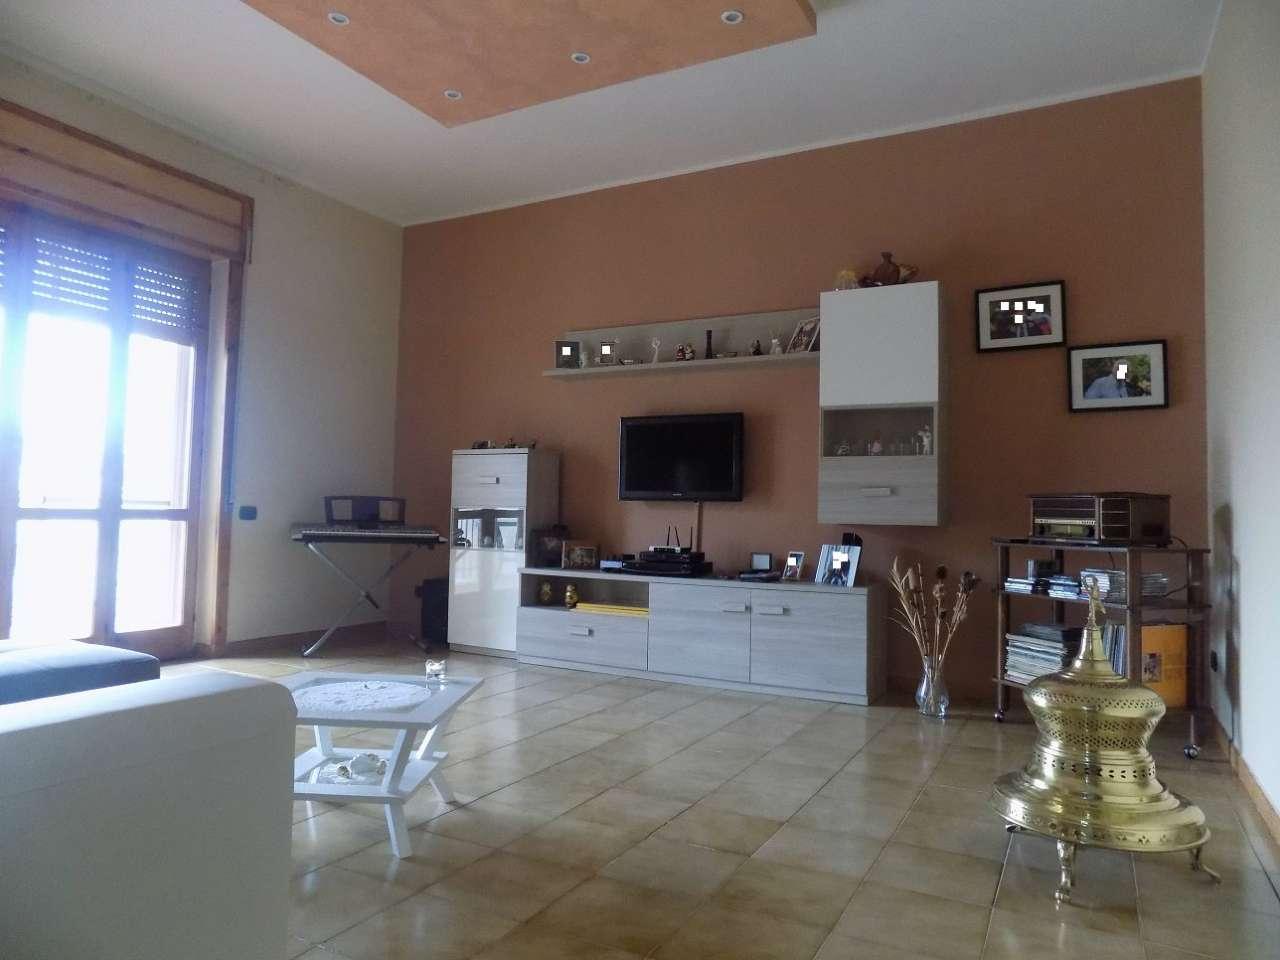 Appartamento in vendita a Casalnuovo di Napoli, 3 locali, prezzo € 245.000 | Cambio Casa.it